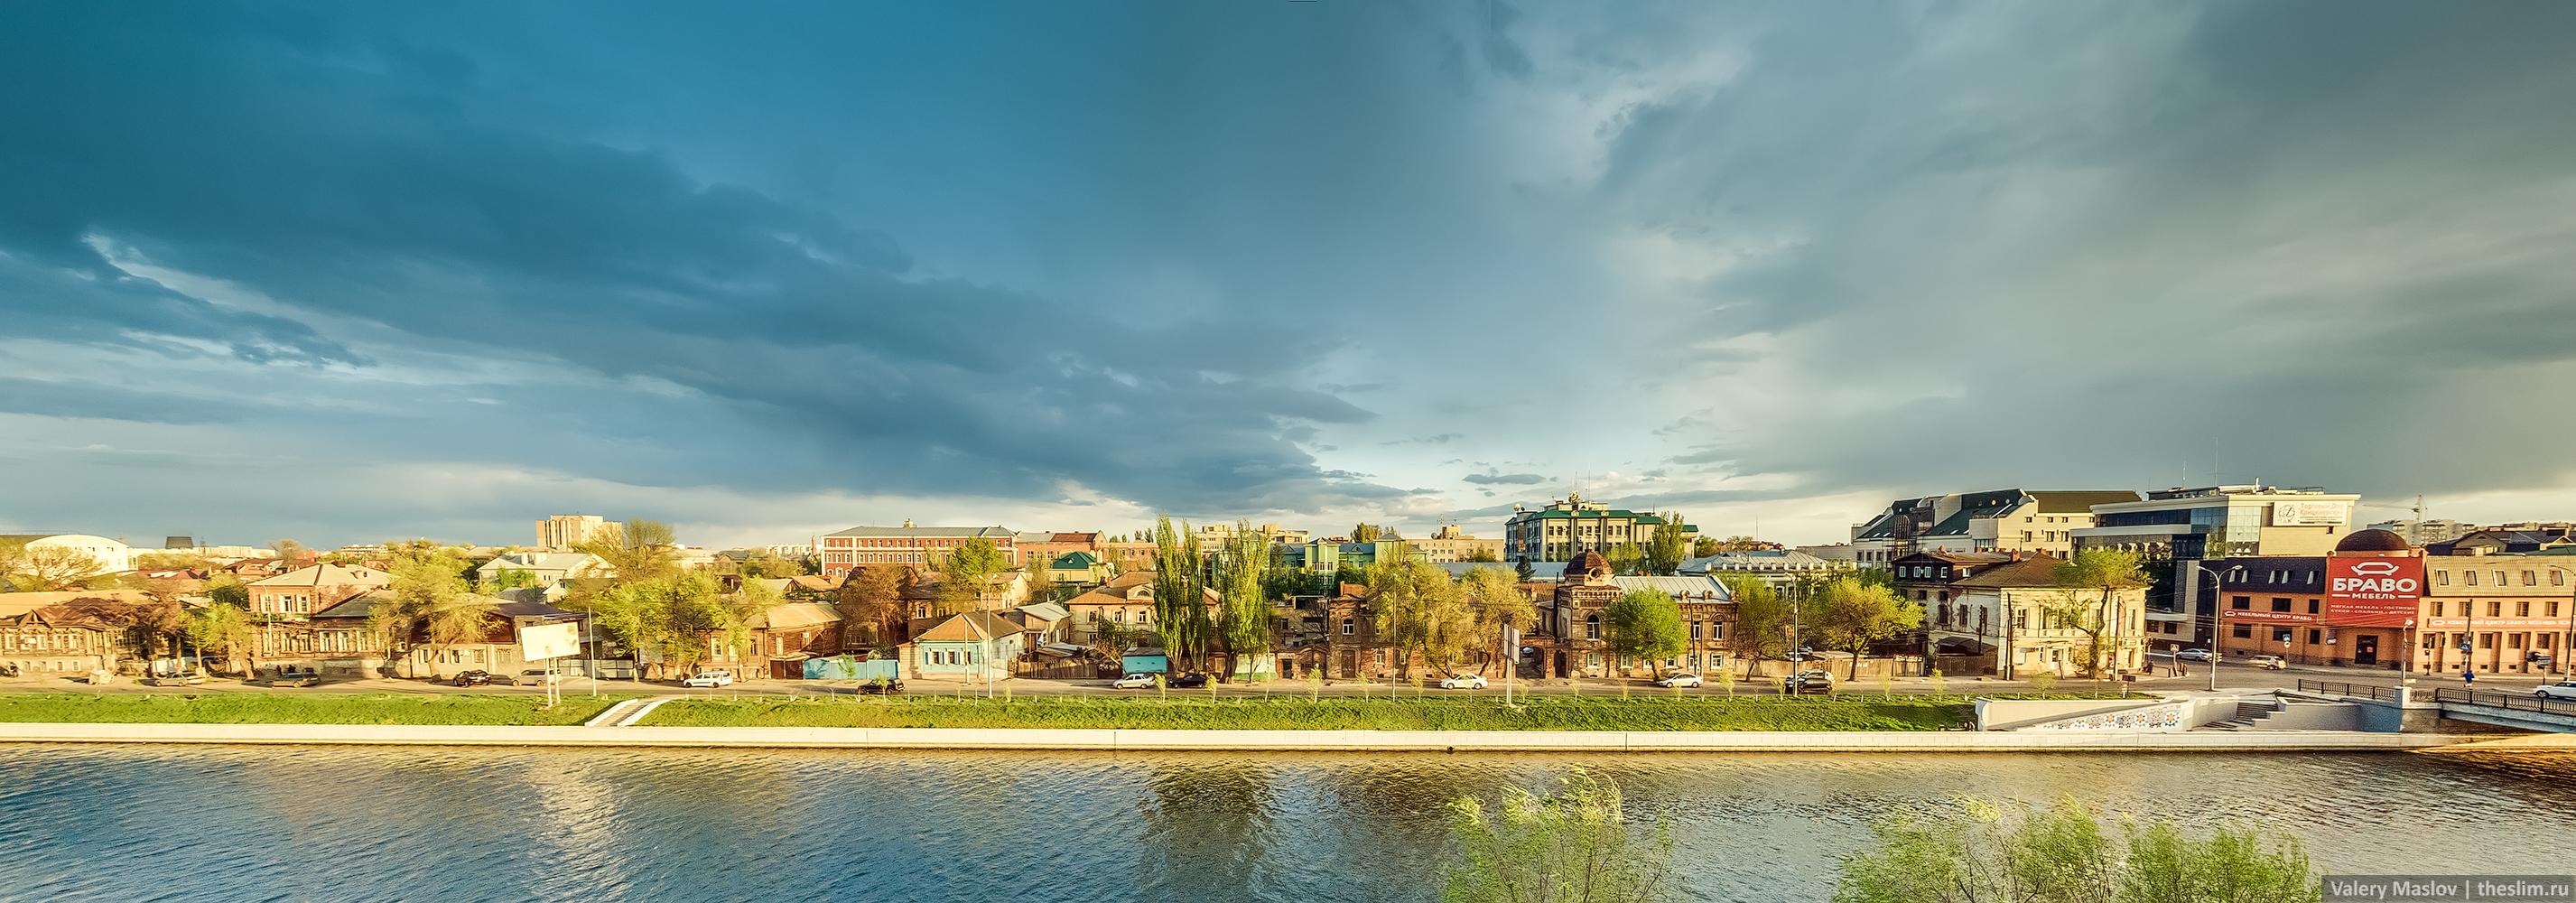 Вид на Набережную 1 Мая (Варвациевский канал)